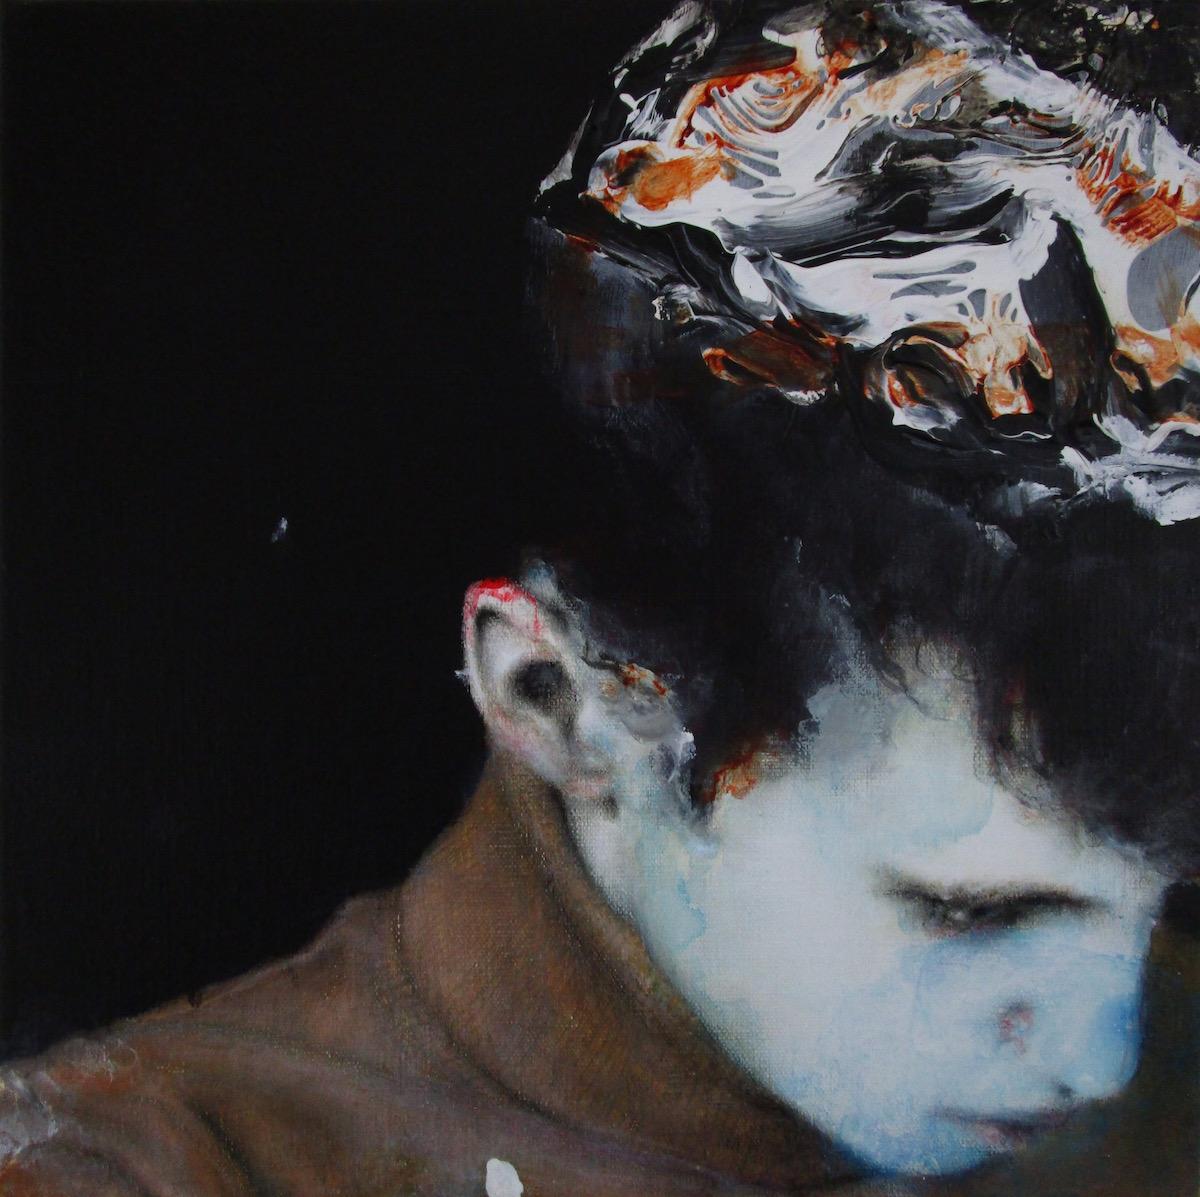 Antoine Cordet canvas toile peinture painting portrait art artist artiste peintre acrylic Unionhillwave